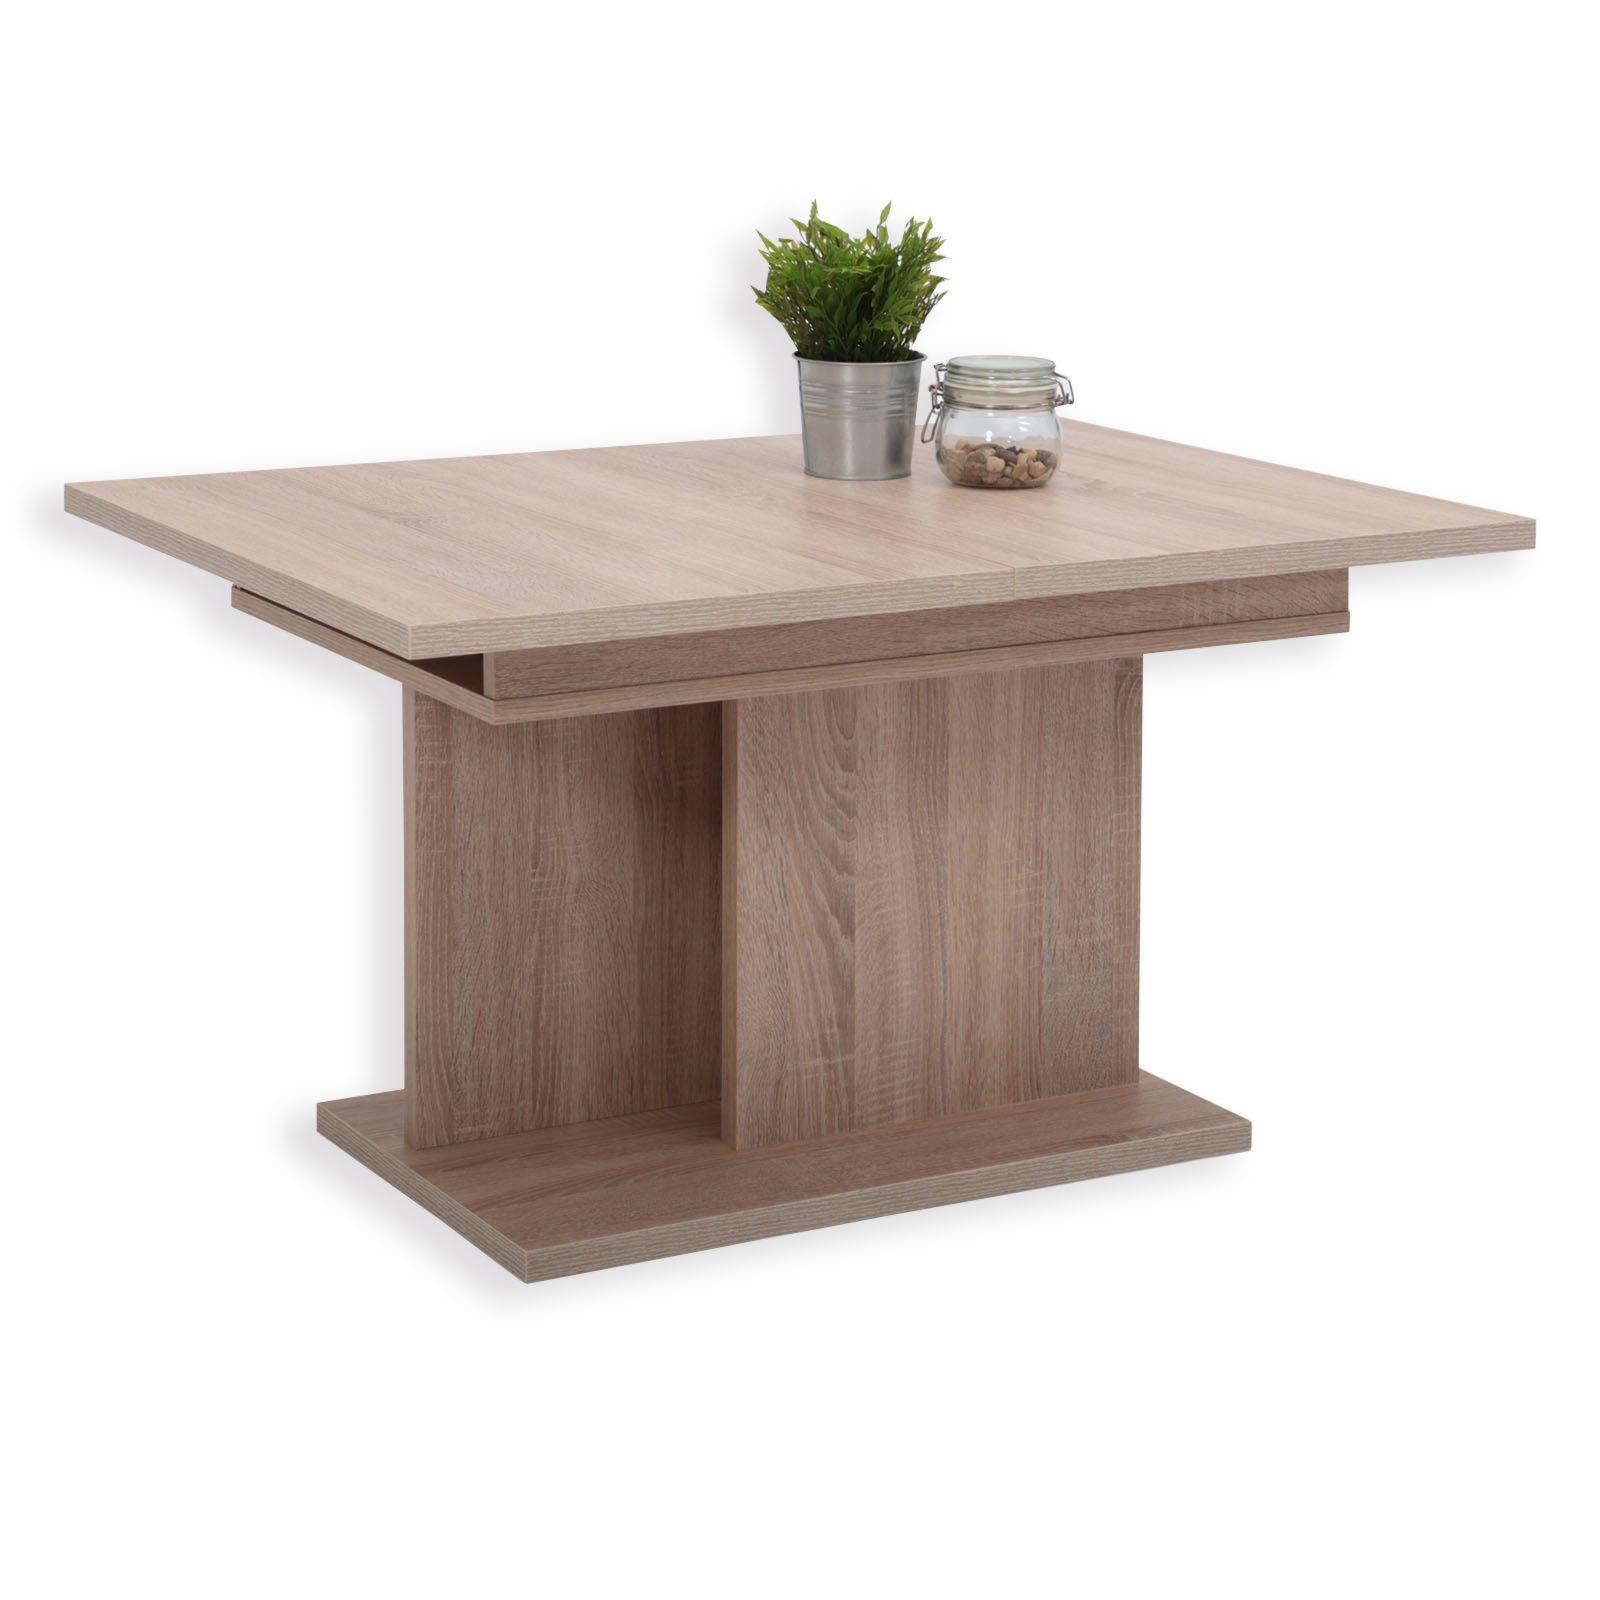 roller couchtisch paul sonoma eiche ausziehbar ebay. Black Bedroom Furniture Sets. Home Design Ideas